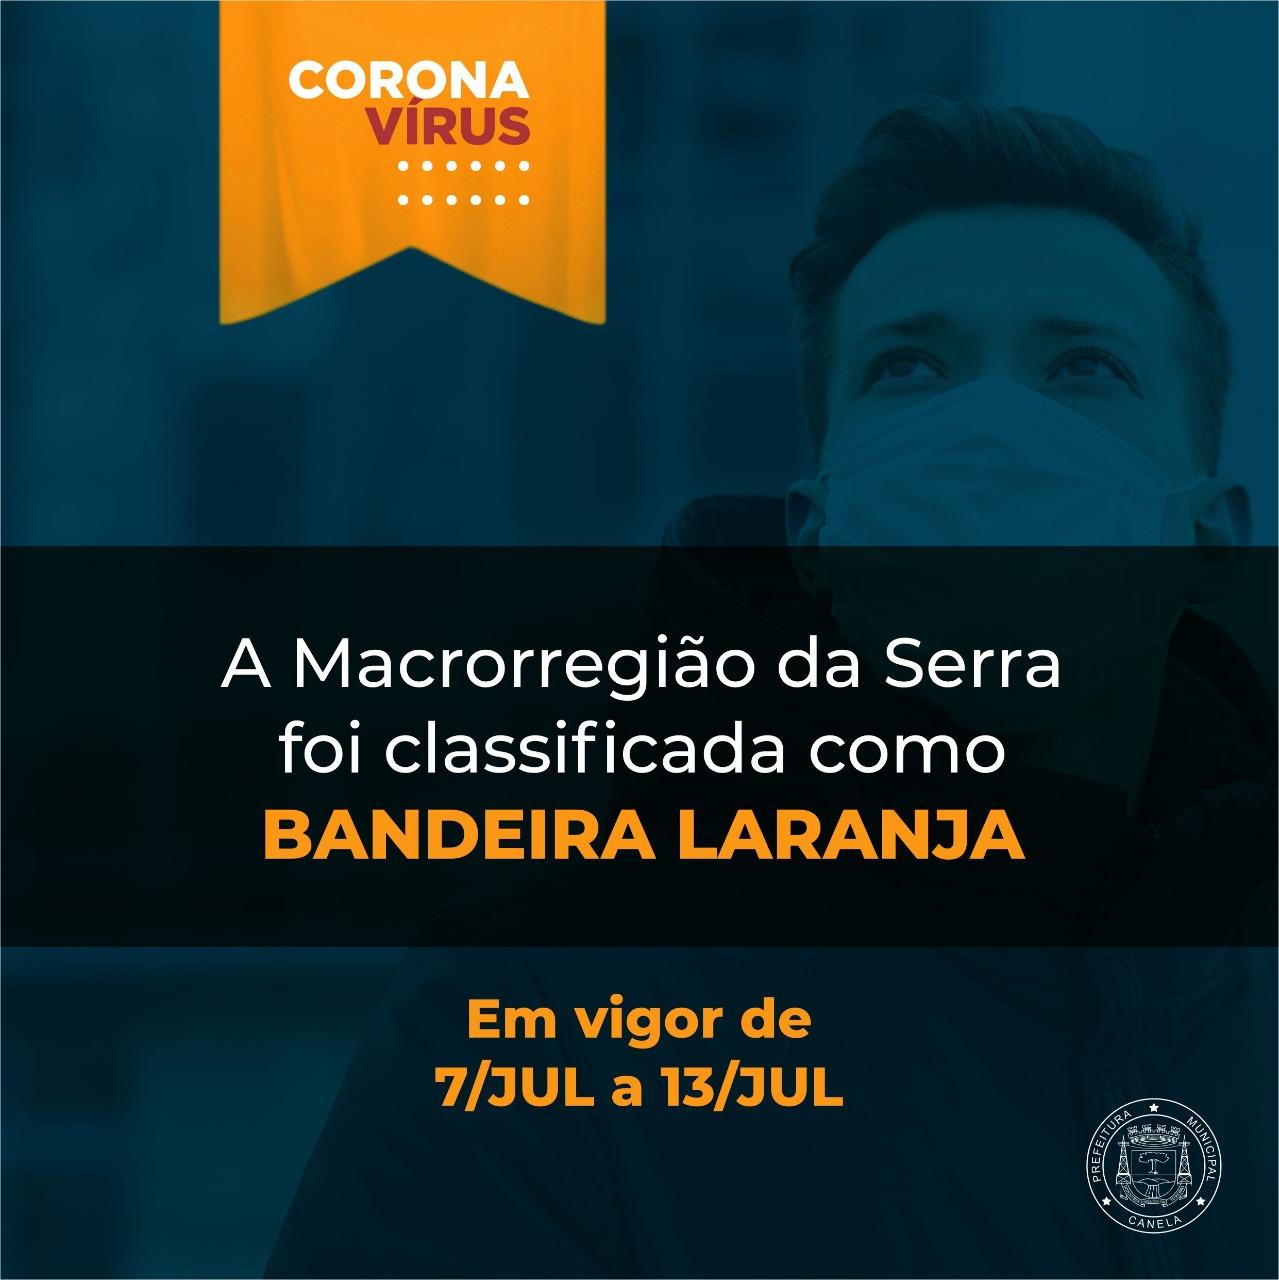 CANELA E REGIÃO CONTINUAM COM BANDEIRA LARANJA